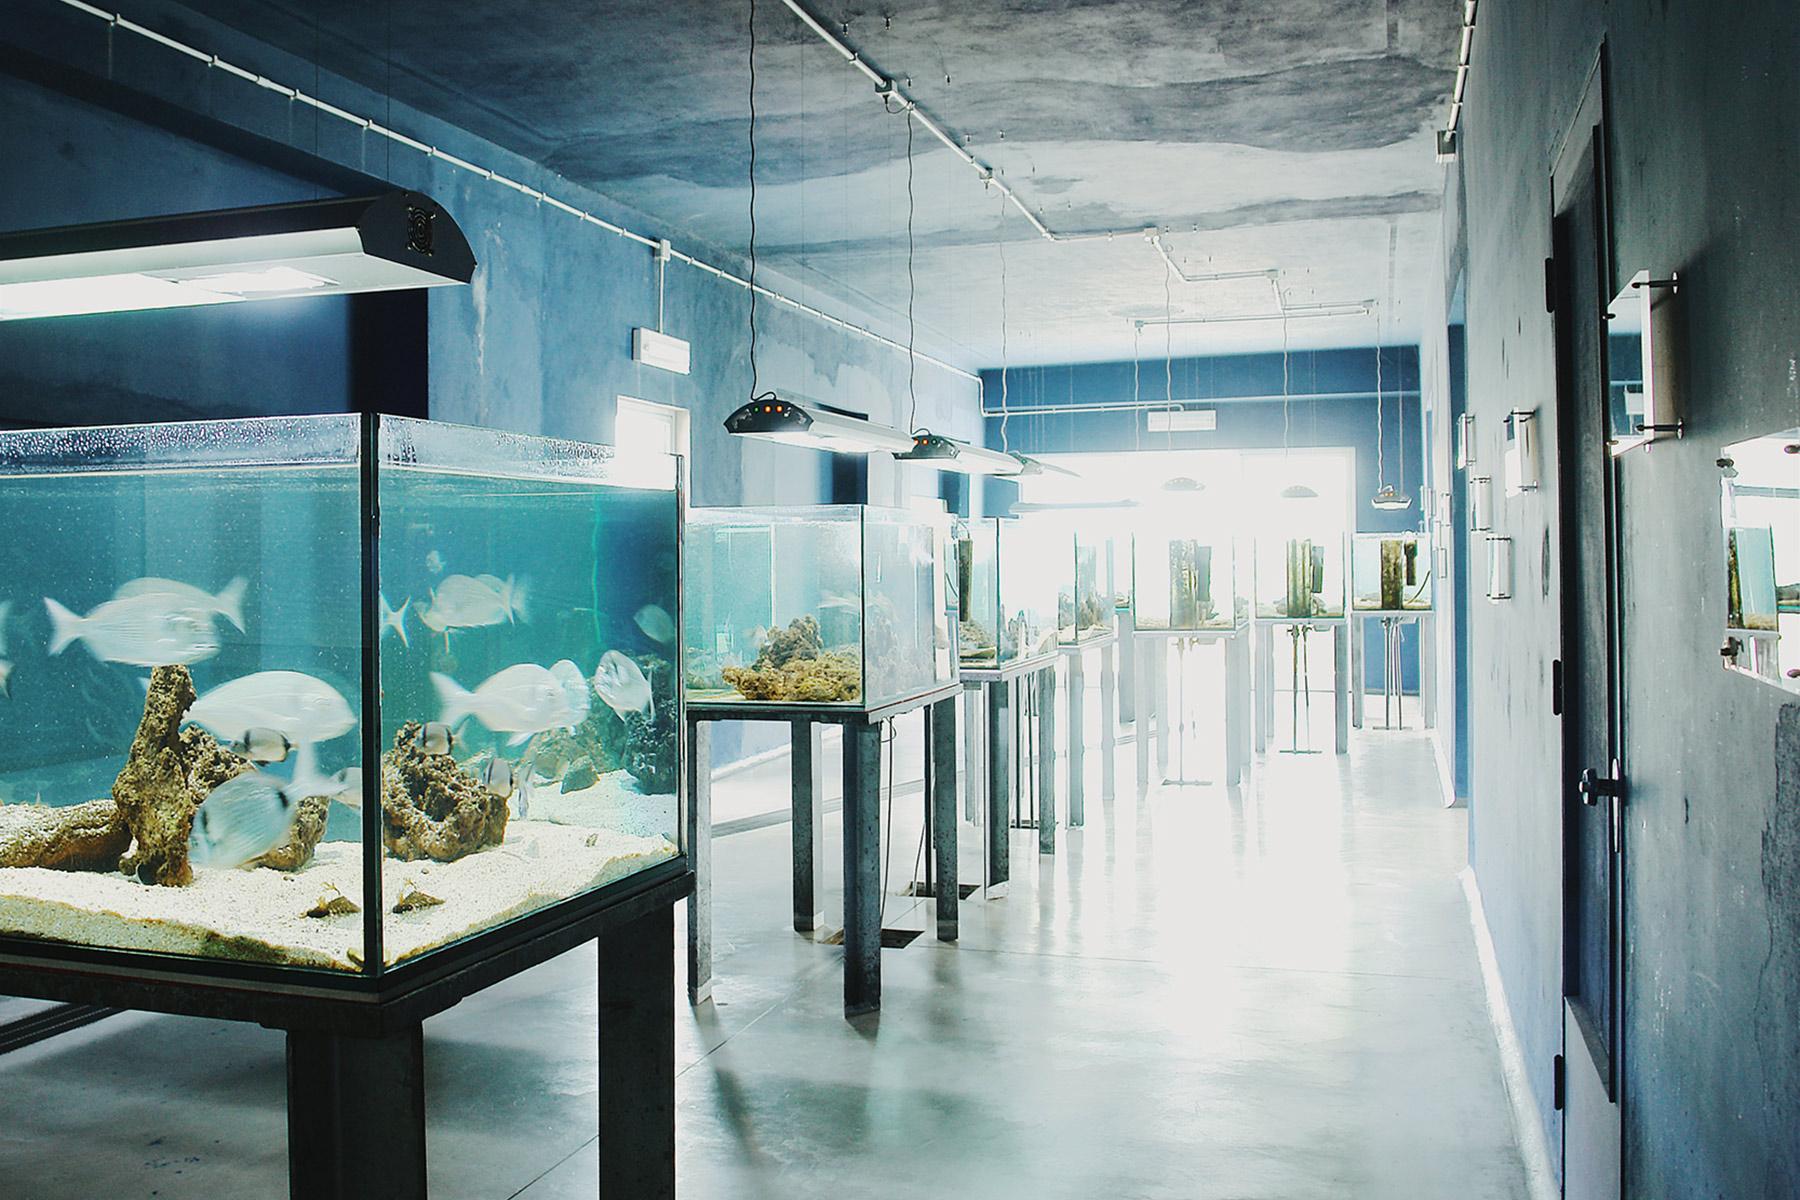 aquarium019.jpg